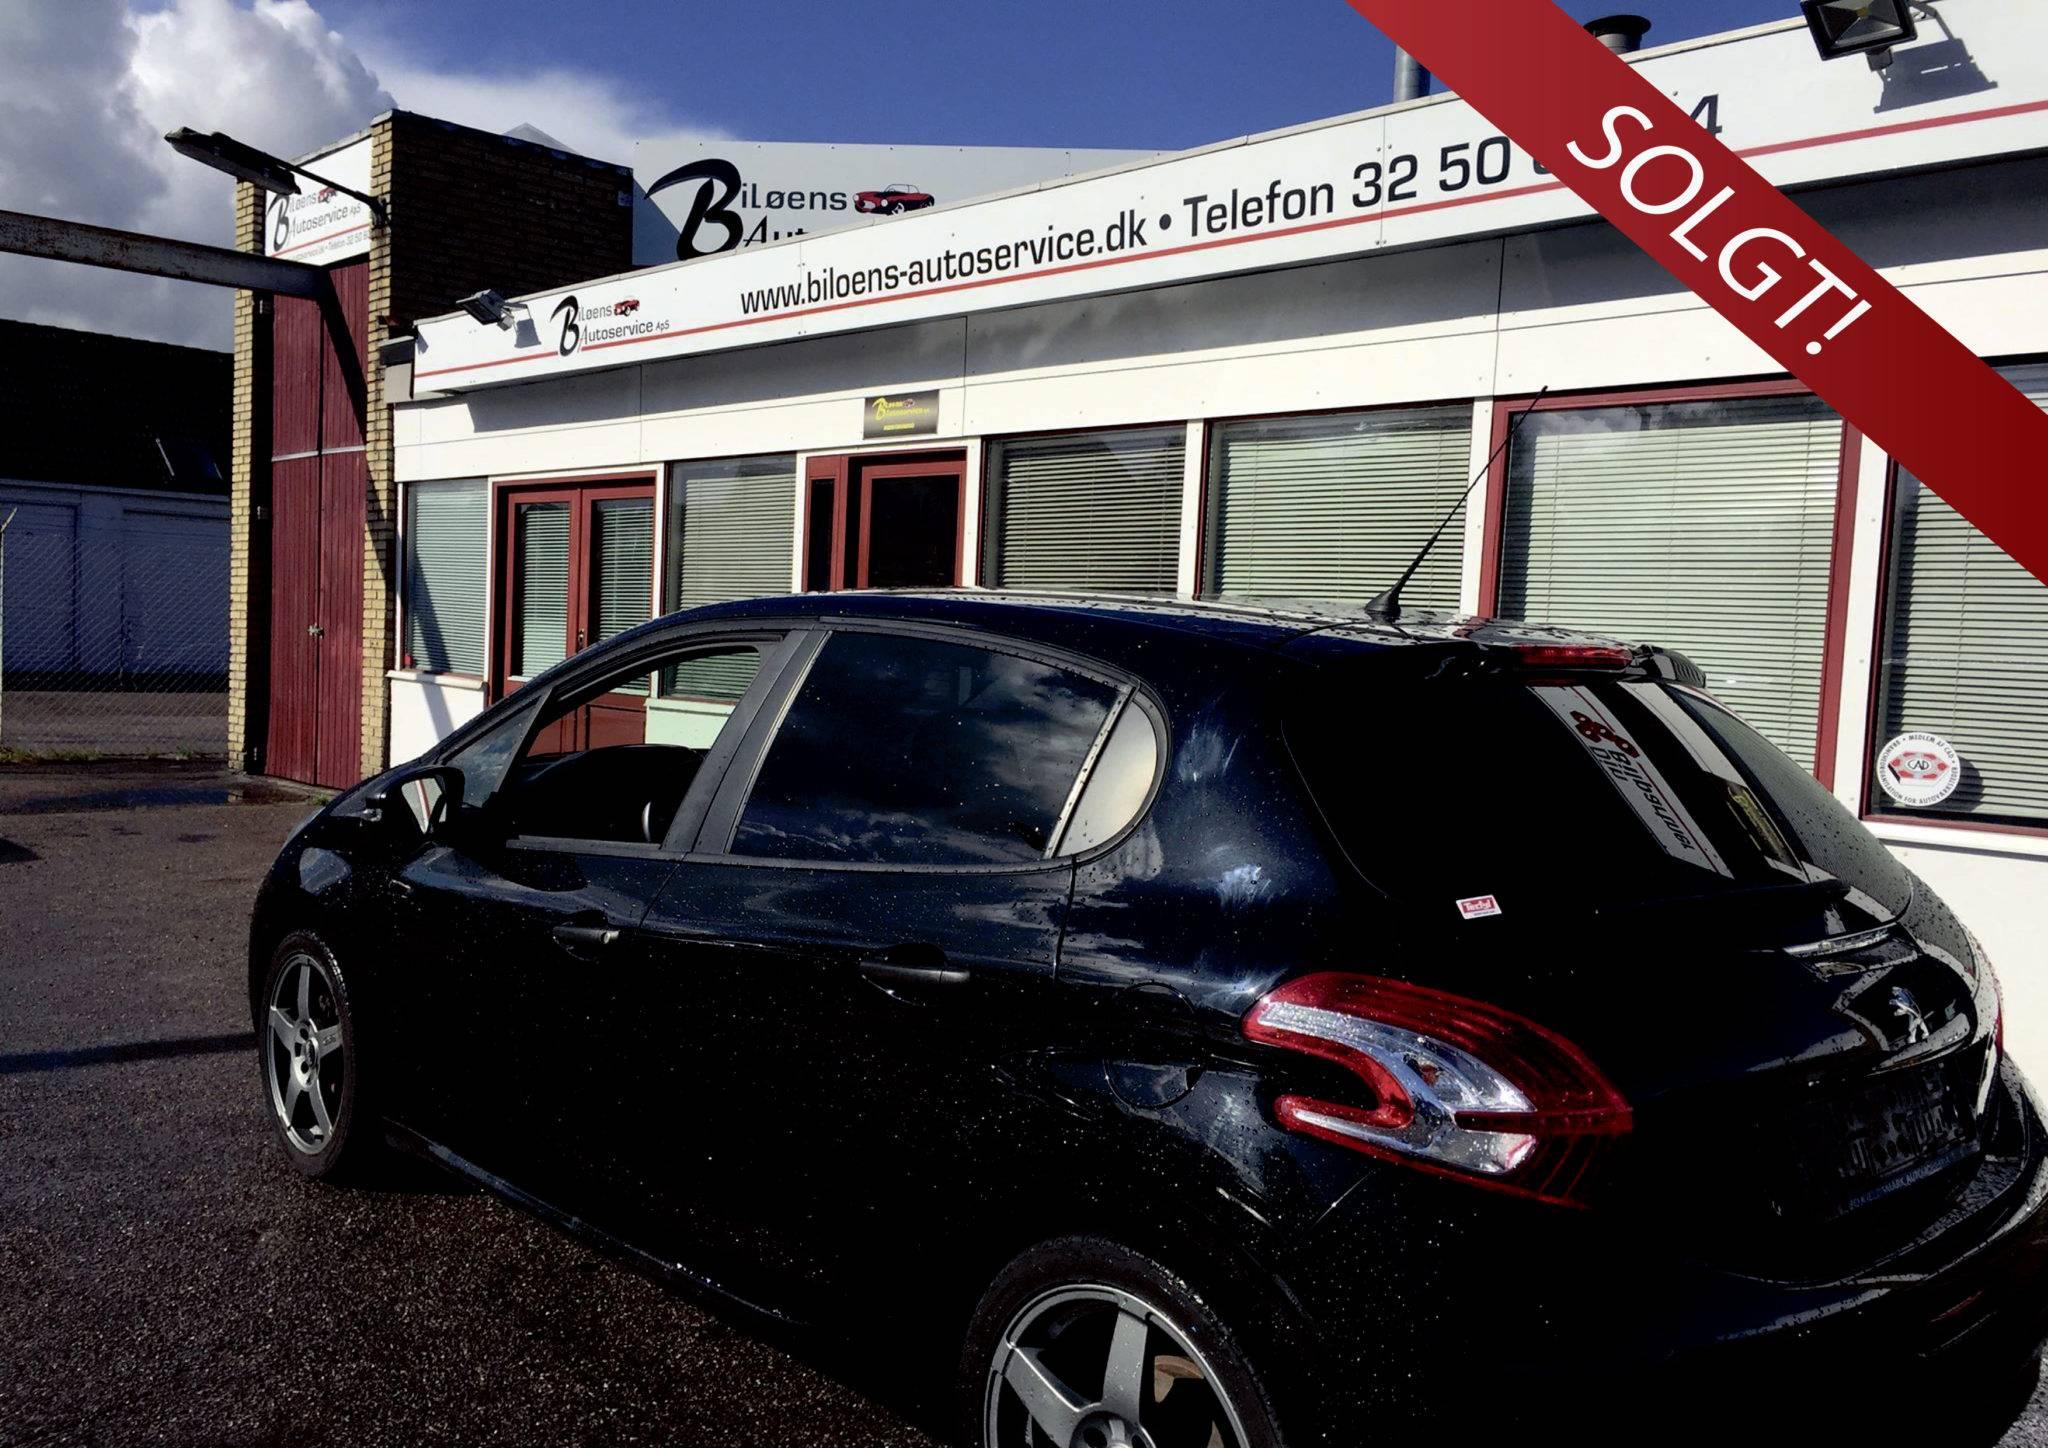 Peugeot 208 2014 solgt - Bilsalg